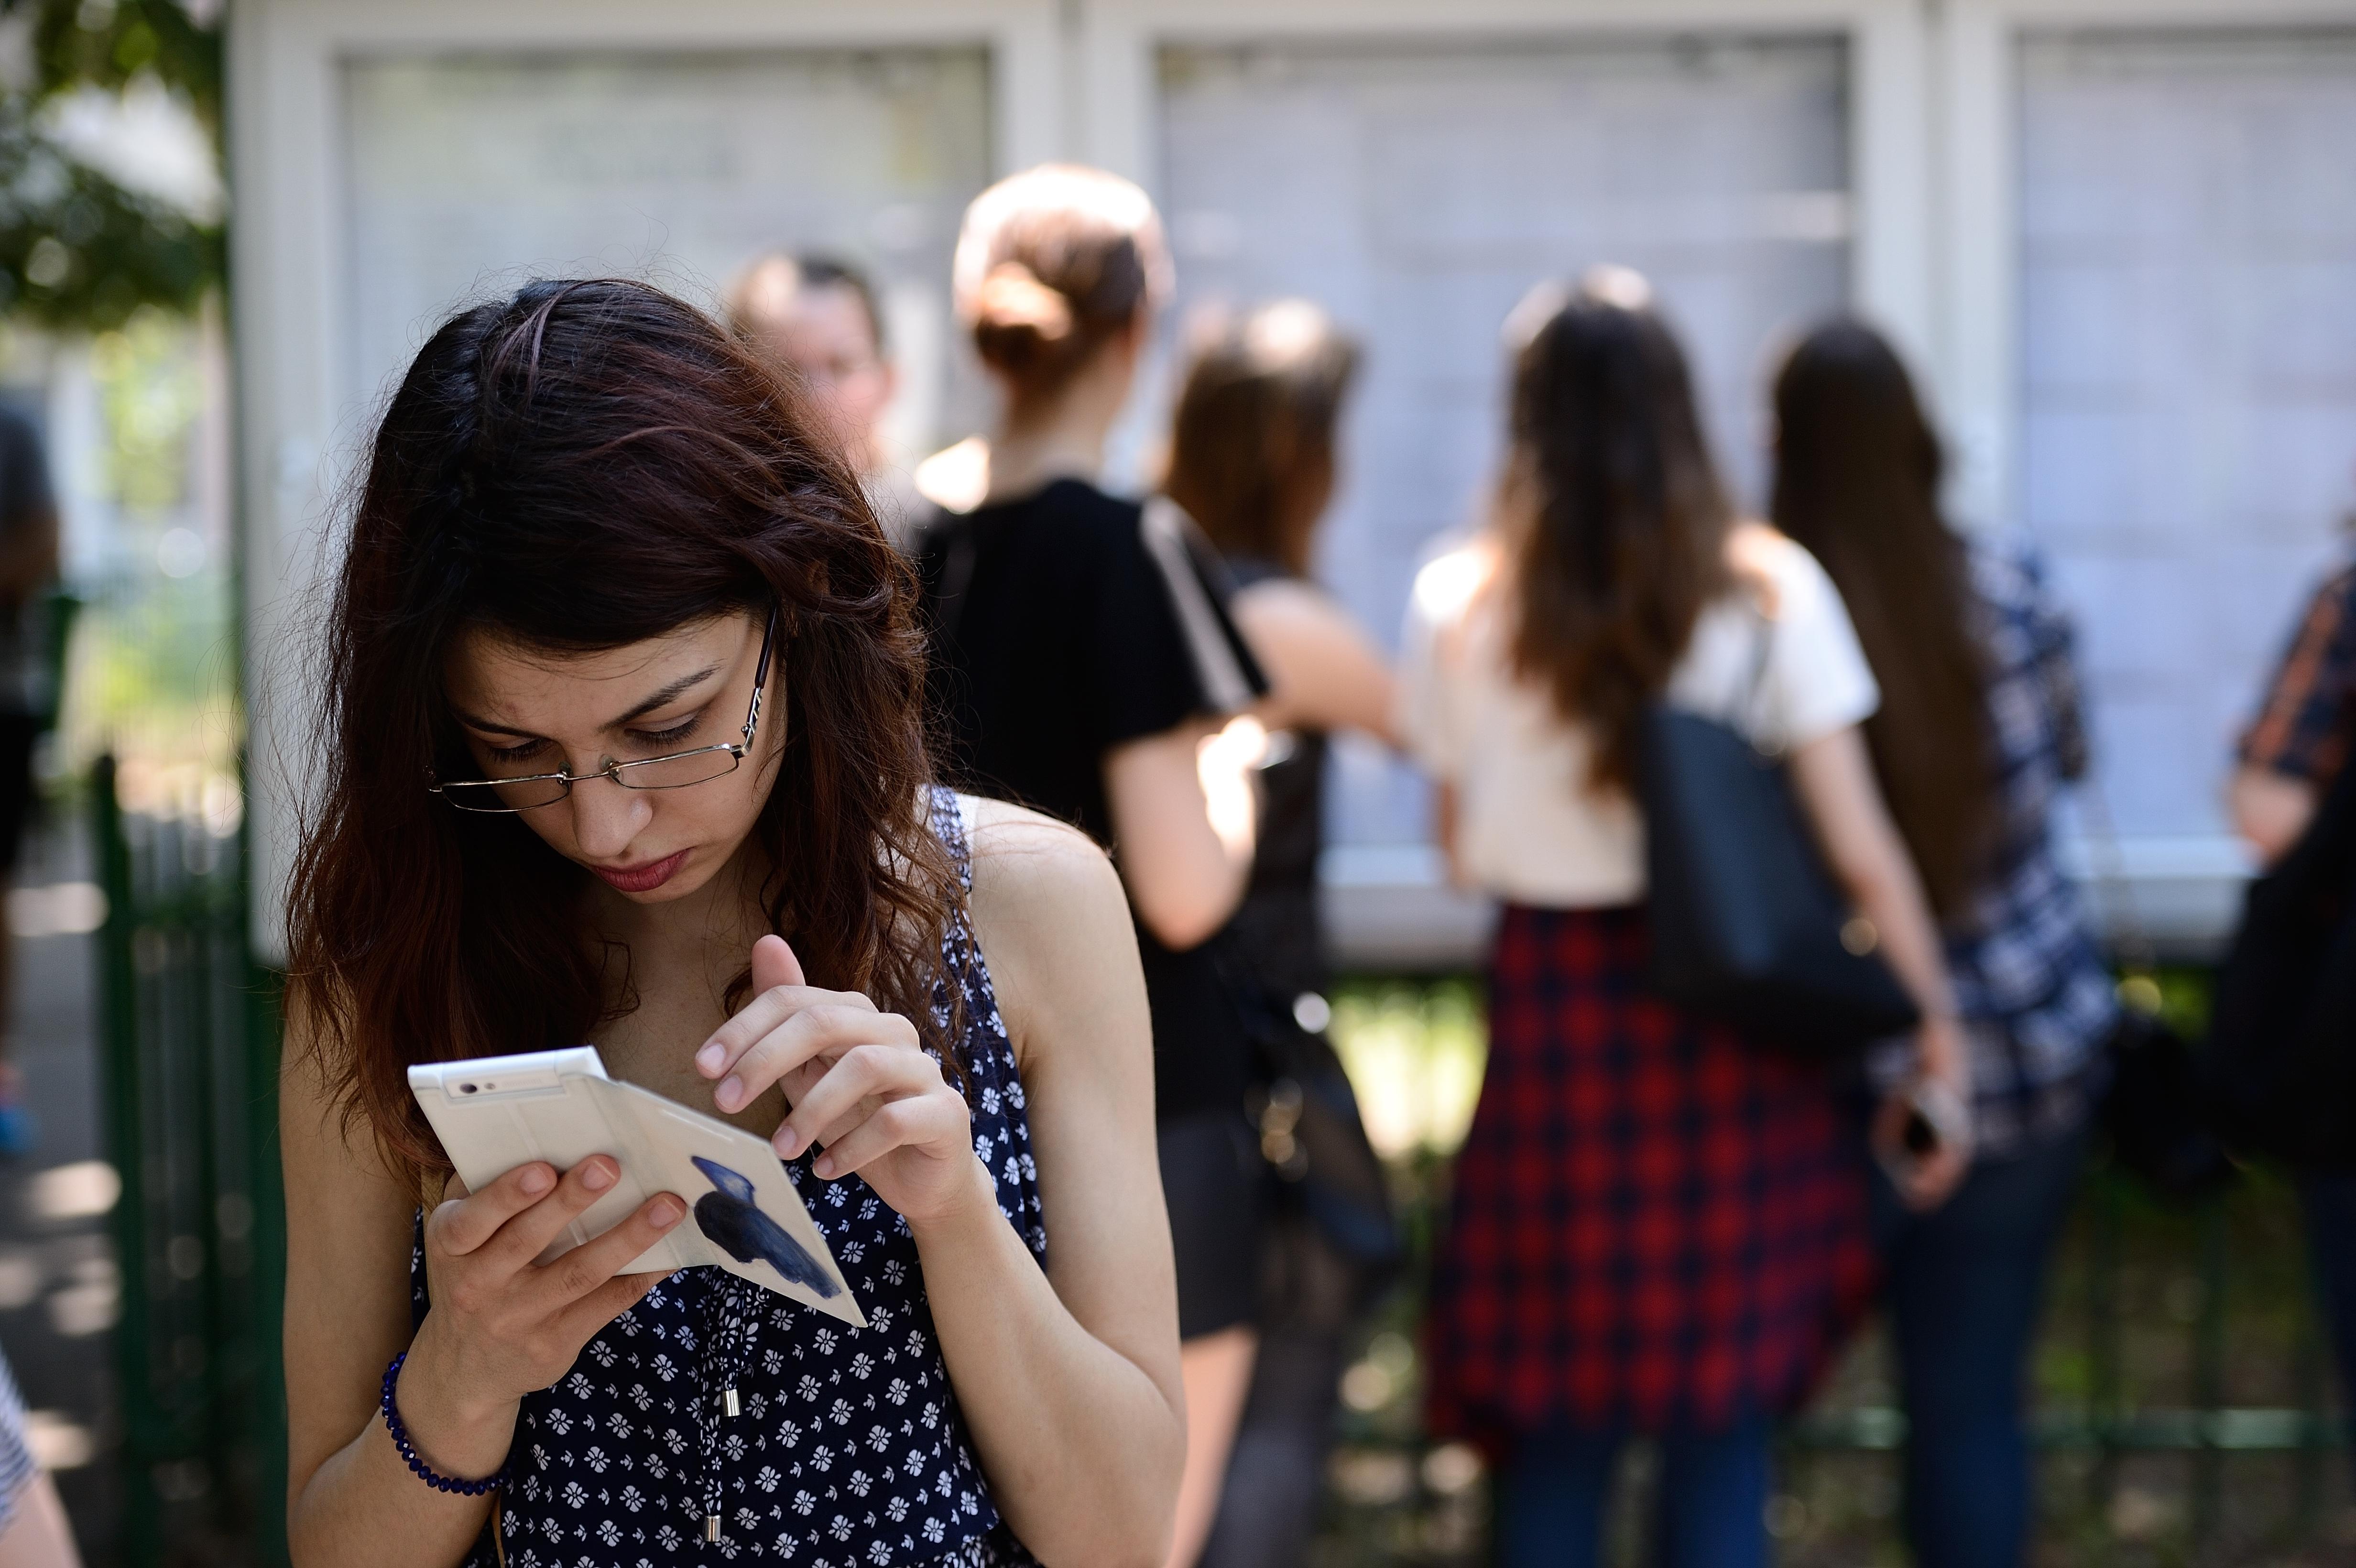 Asociaţia Elevilor din Constanţa, împotriva măsurii anunţată de Ministrul Educaţiei, Liviu Pop, de depozitare a telefoanelor mobile în spaţii special amenajate, în timpul orelor de curs